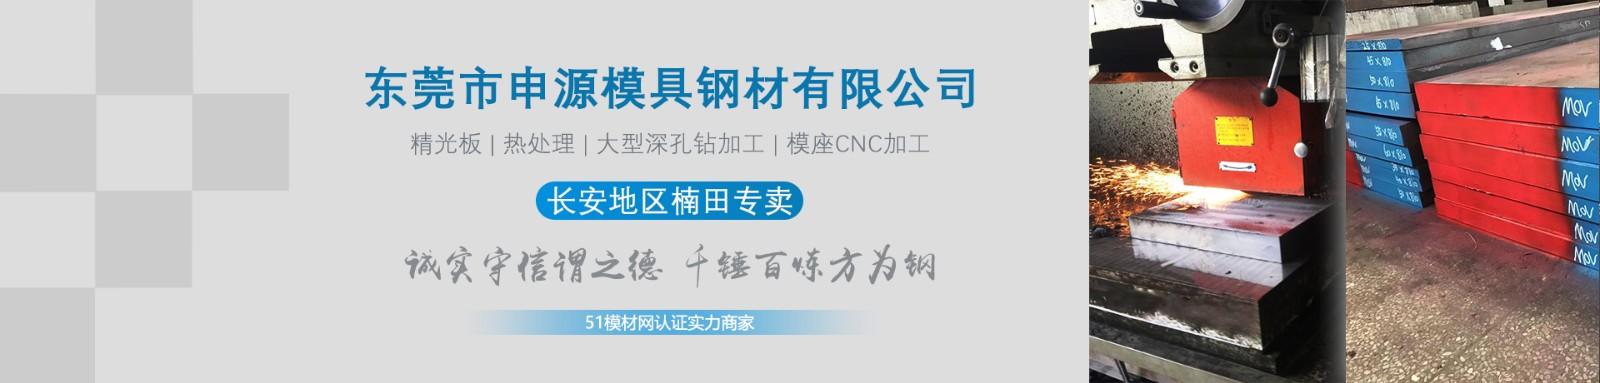 东莞市申源模具钢材有限公司